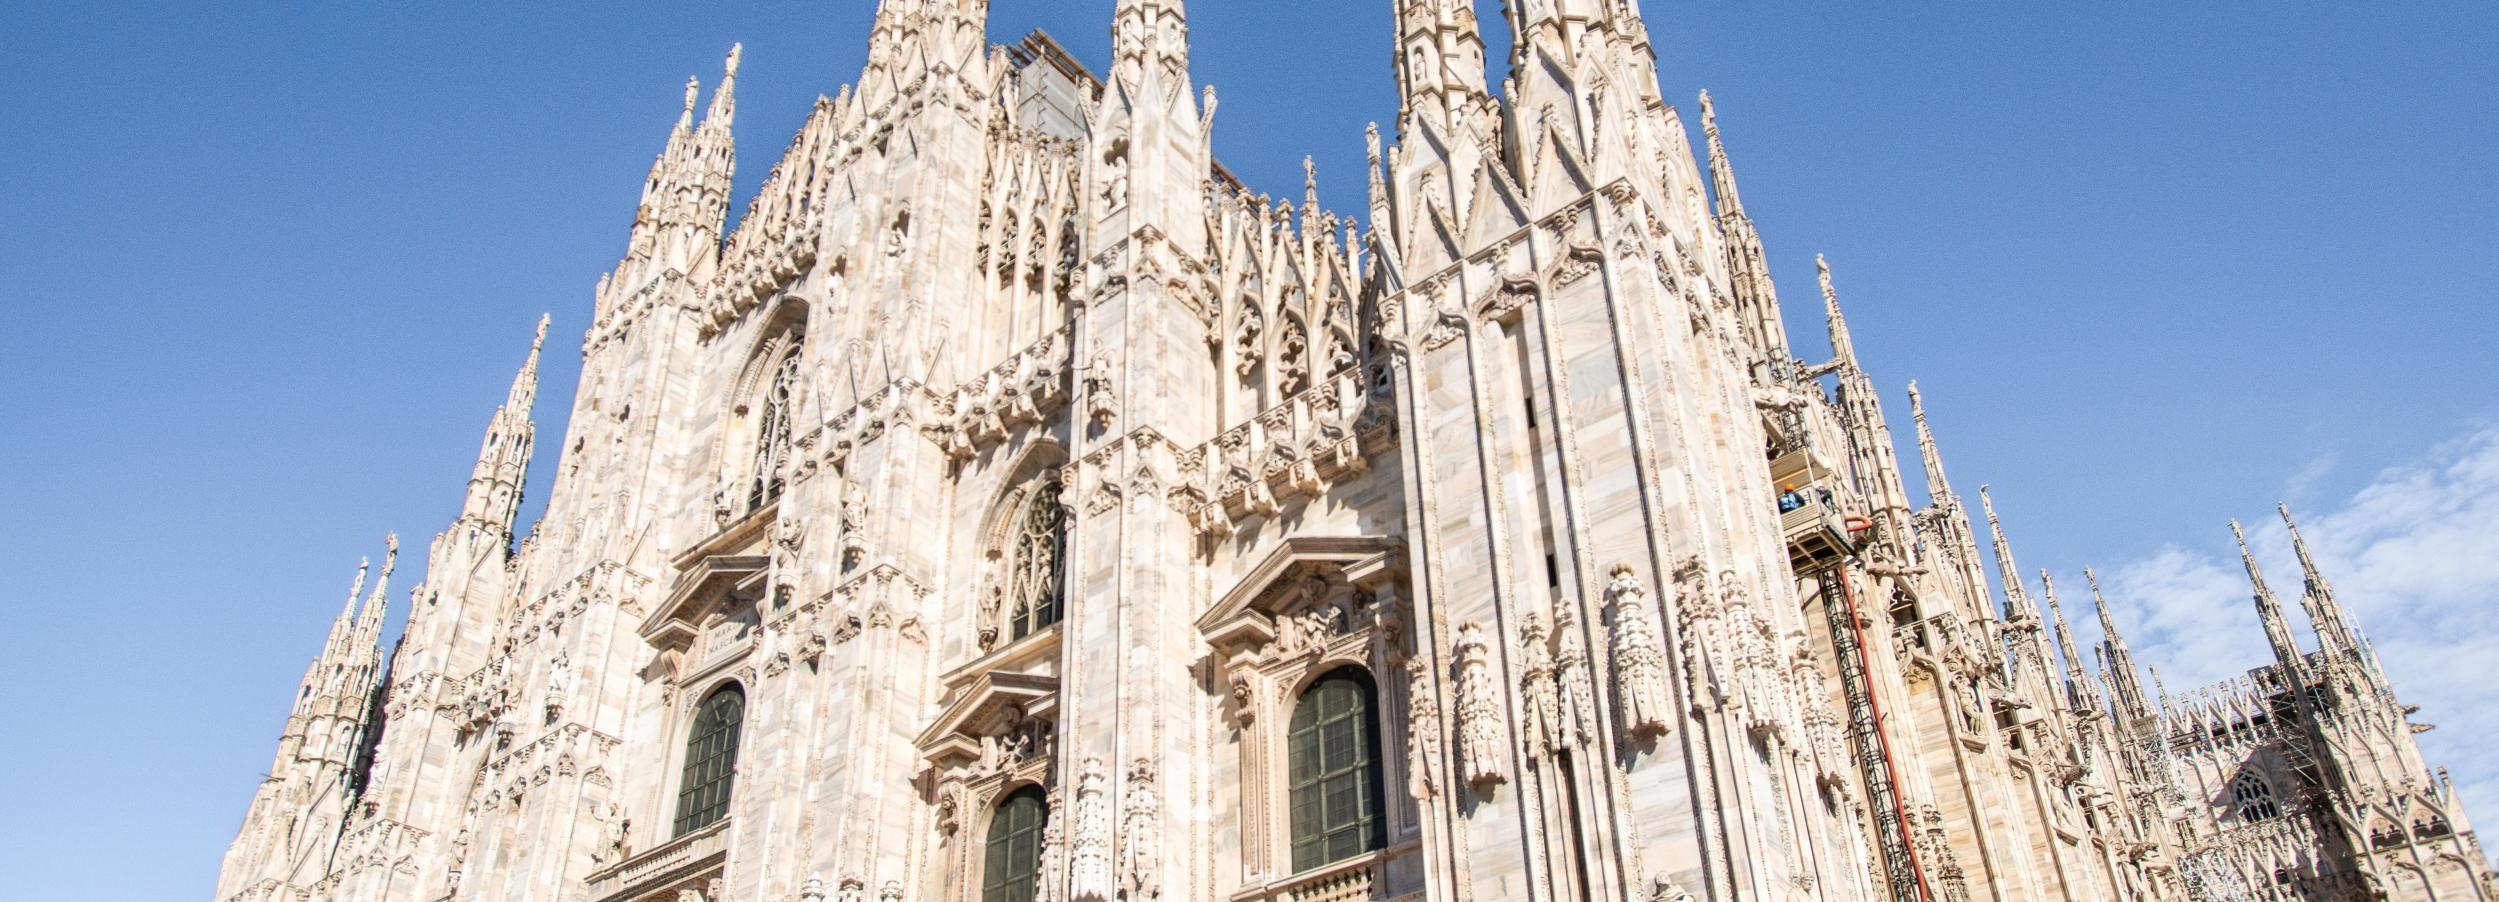 Milán: tour con acceso rápido a la catedral y las terrazas